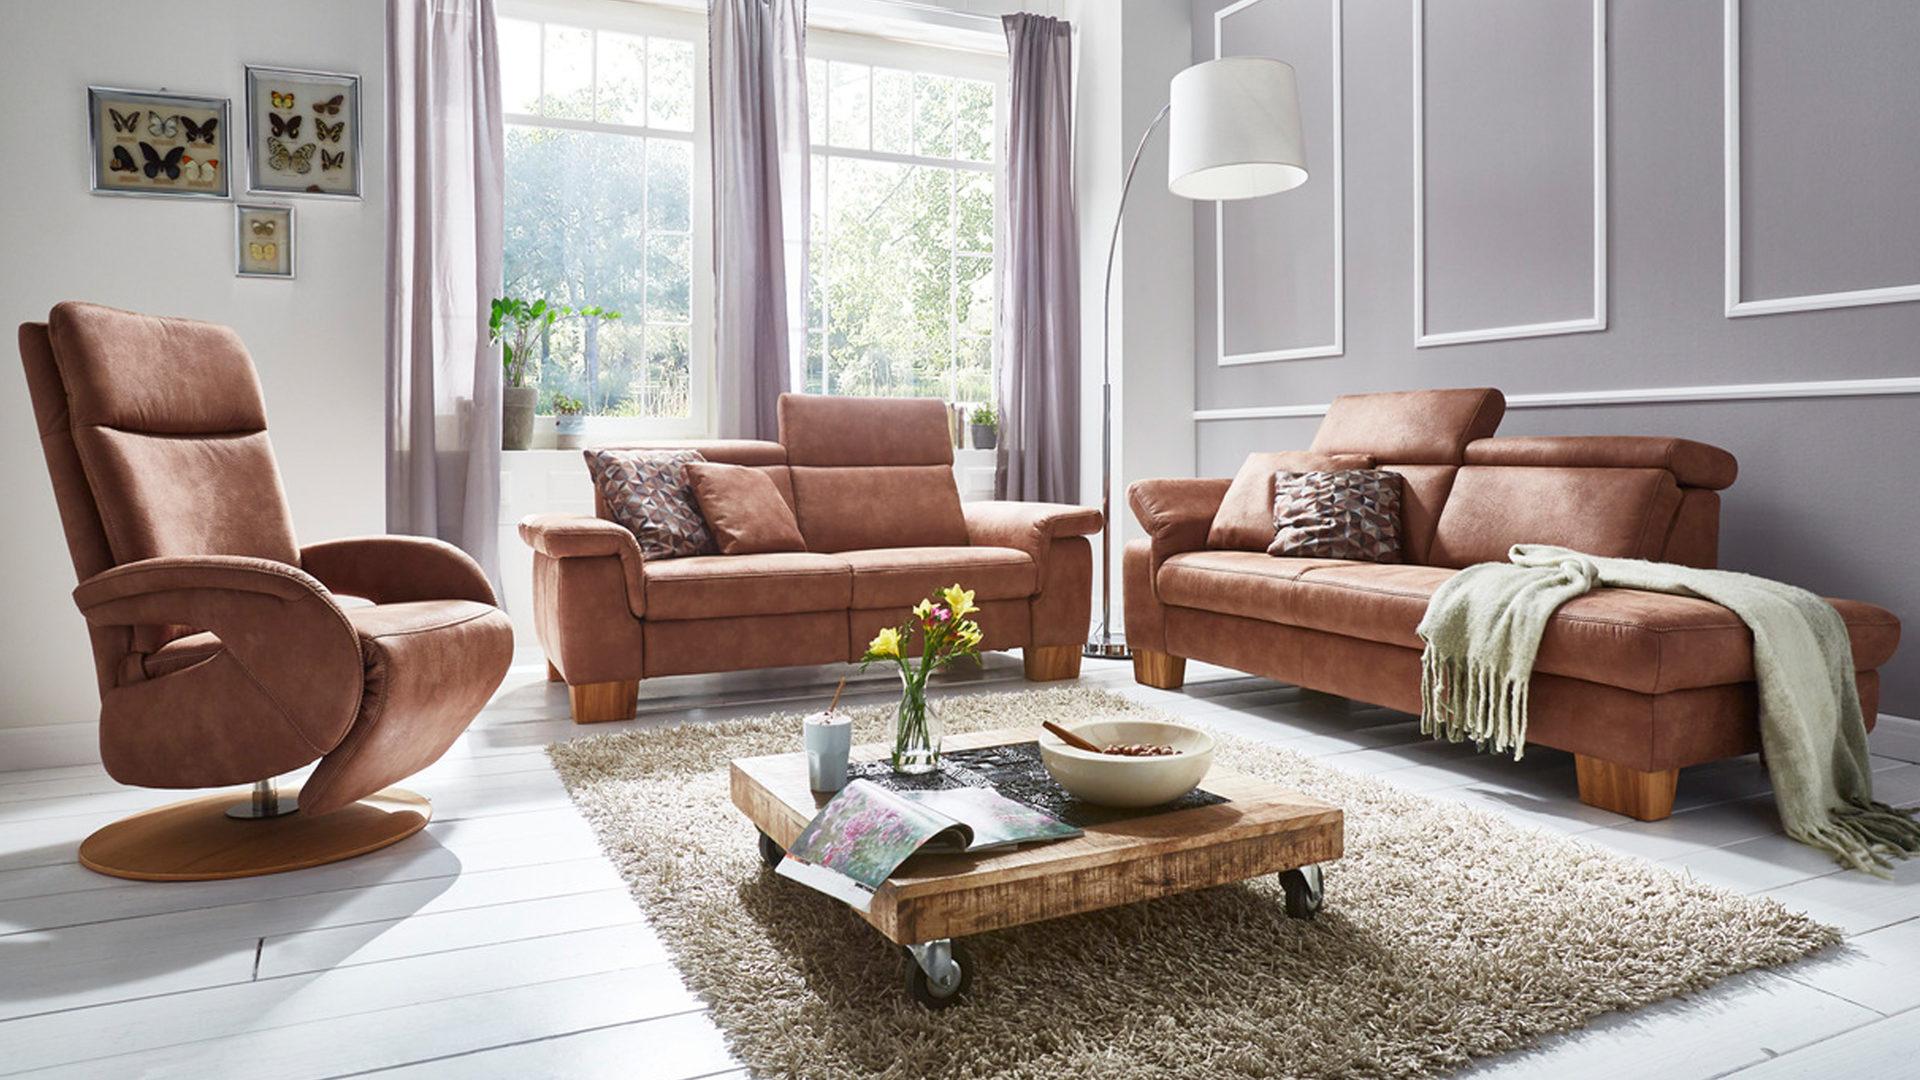 25 Sitzer Als Sofa Bzw Couch Haselnussfarbene Mikrofaser Büffel